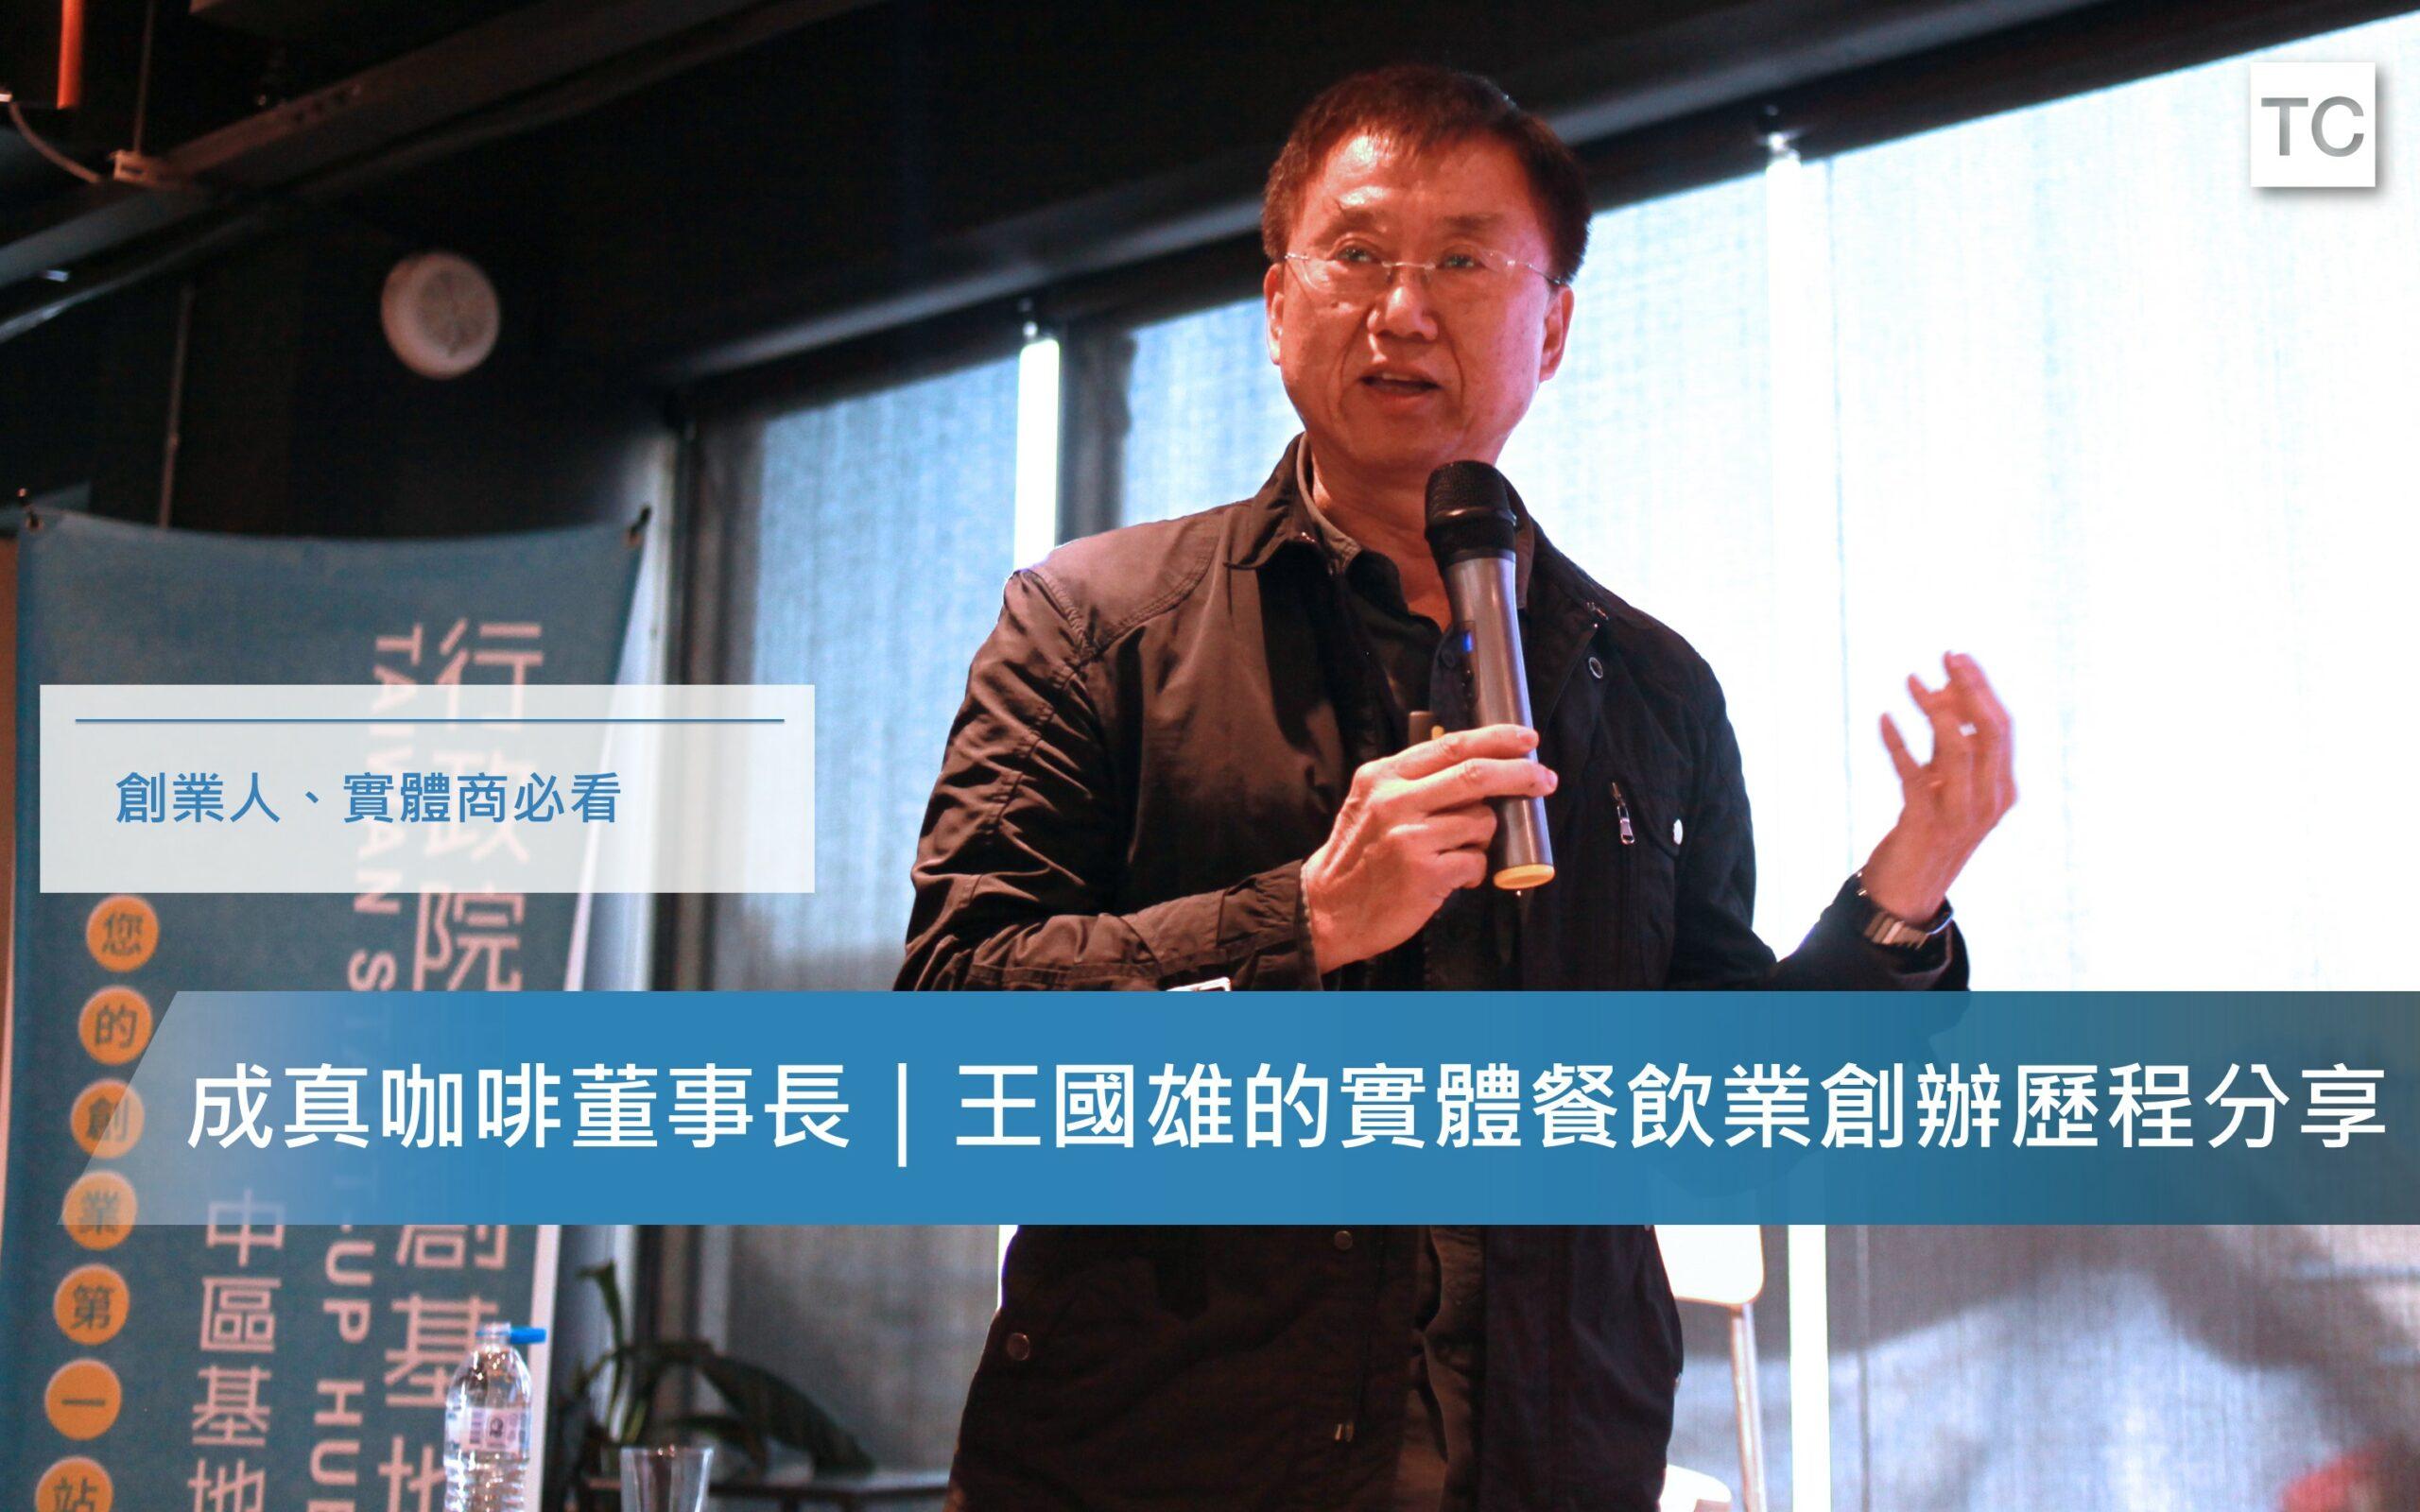 成真咖啡 創辦人王國雄的五個創業觀點,實體餐飲業的創業經歷分享